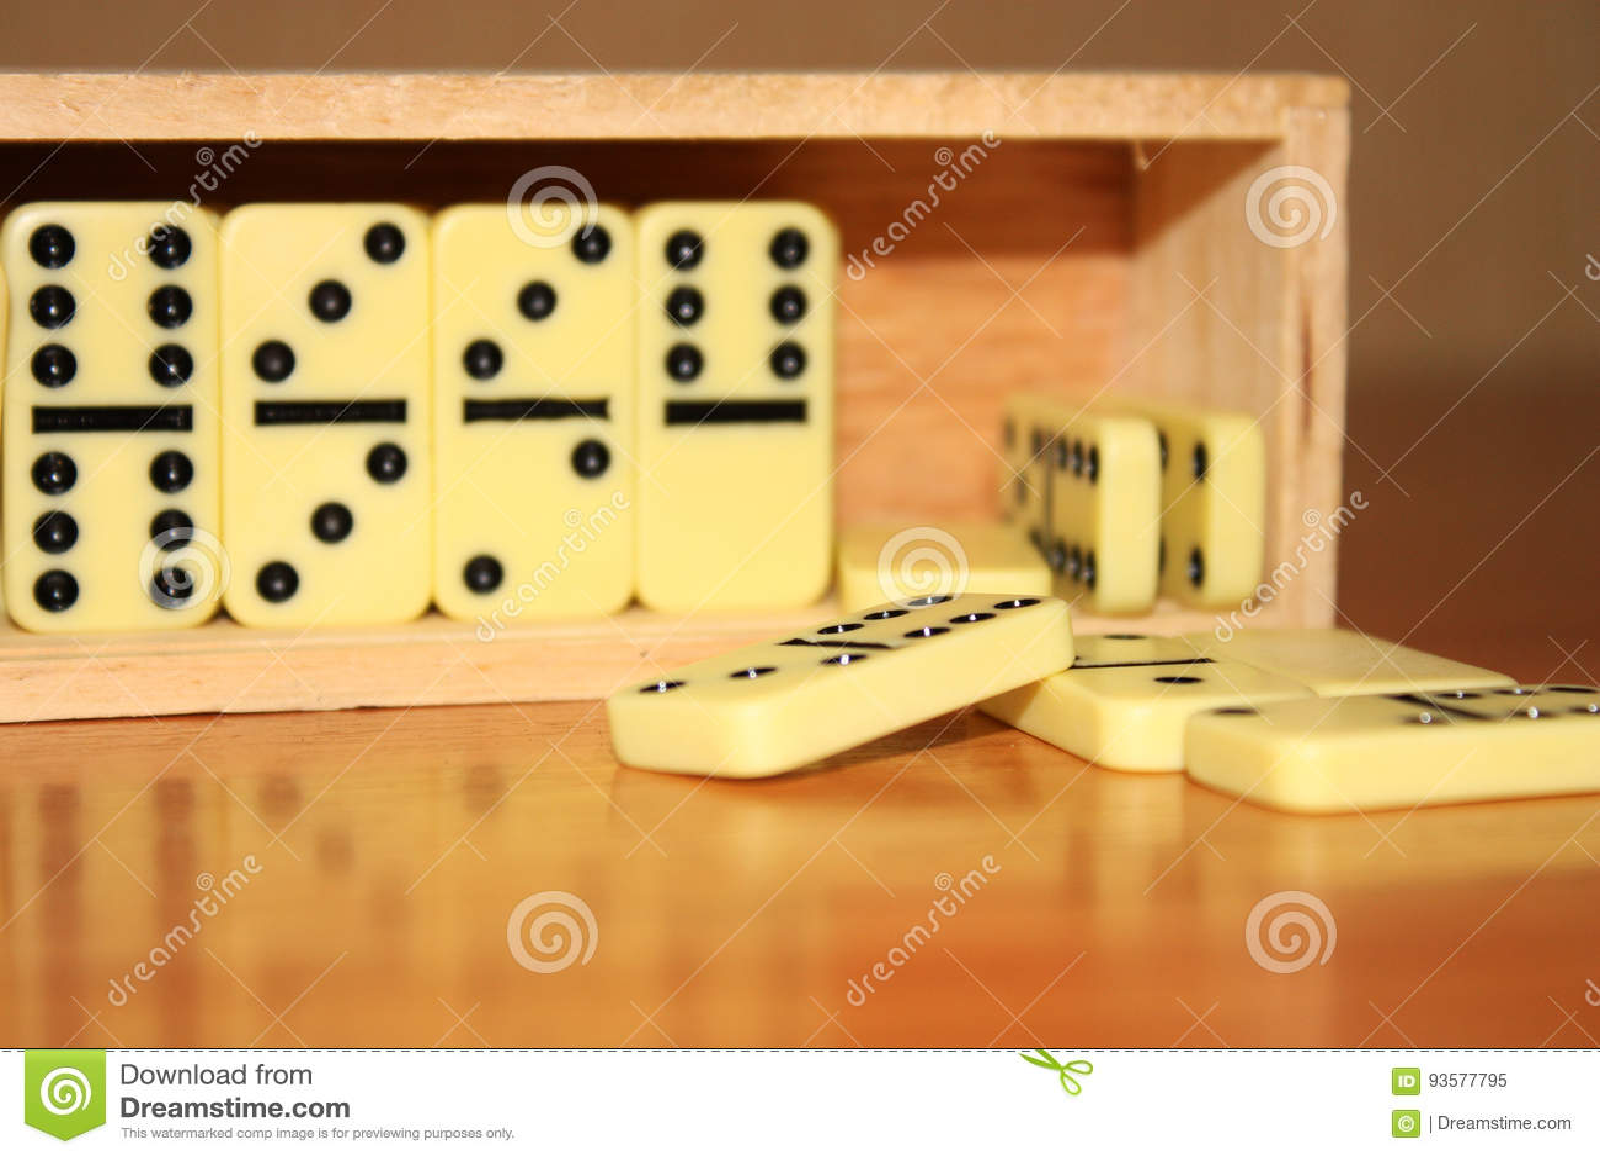 Domino s